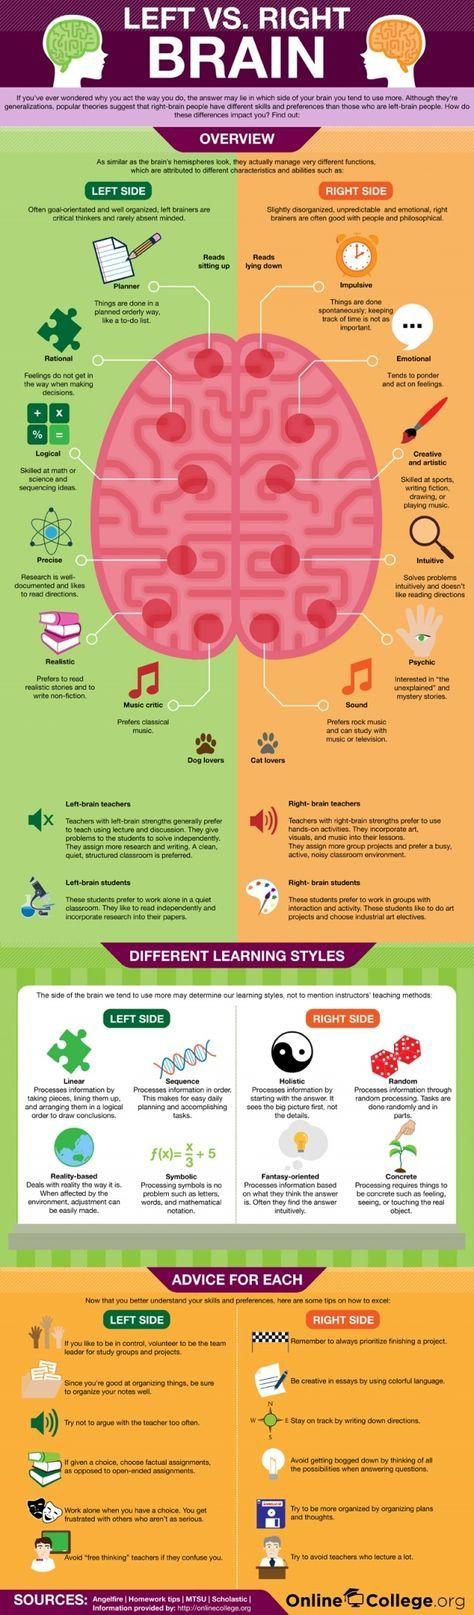 Heb je je ooit afgevraagd waarom je handelt zoals je handelt? Blijkbaar heeft het te maken met welke hersenhelft je actiever gebruikt (al doe je dit natuurlijk onbewust). Ben jij volgens de infographic meer een linker of rechterbrein type? Klik op het plaatje om dit beter te kunnen bekijken.